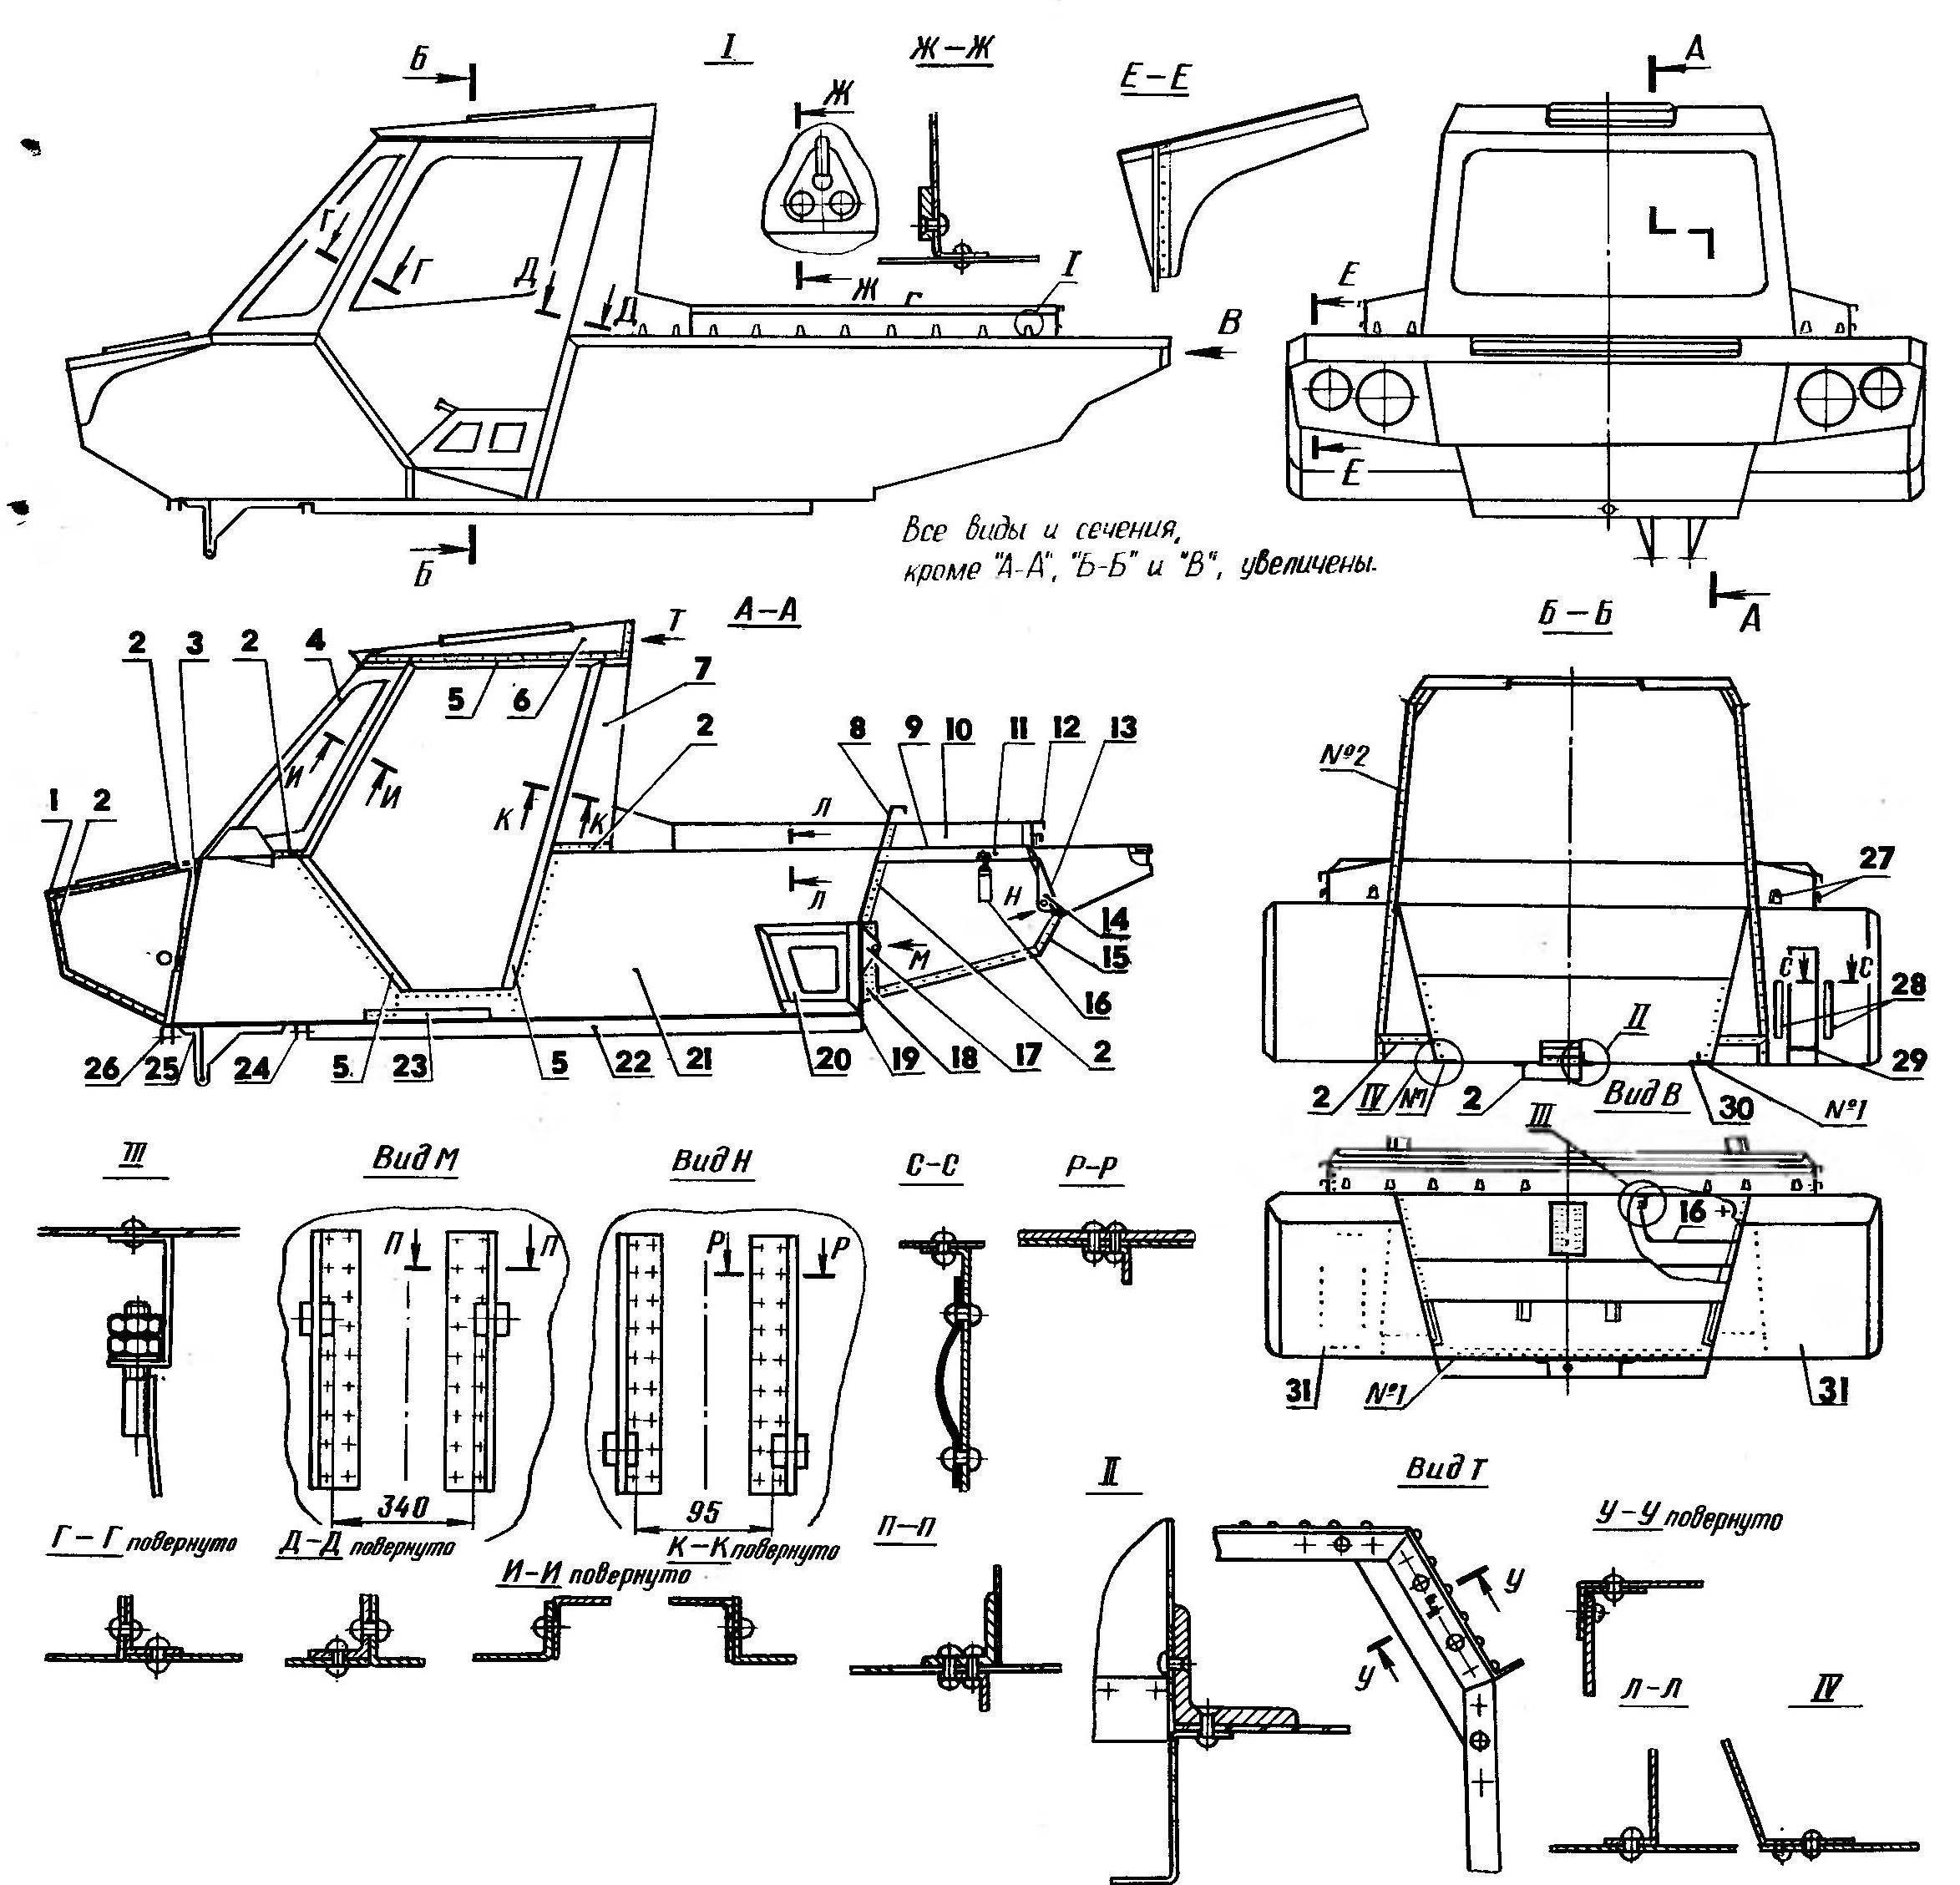 Вездеходы на шинах низкого давления: болотоходы для охоты и рыбалки, другие виды, самодельные вездеходы своими руками